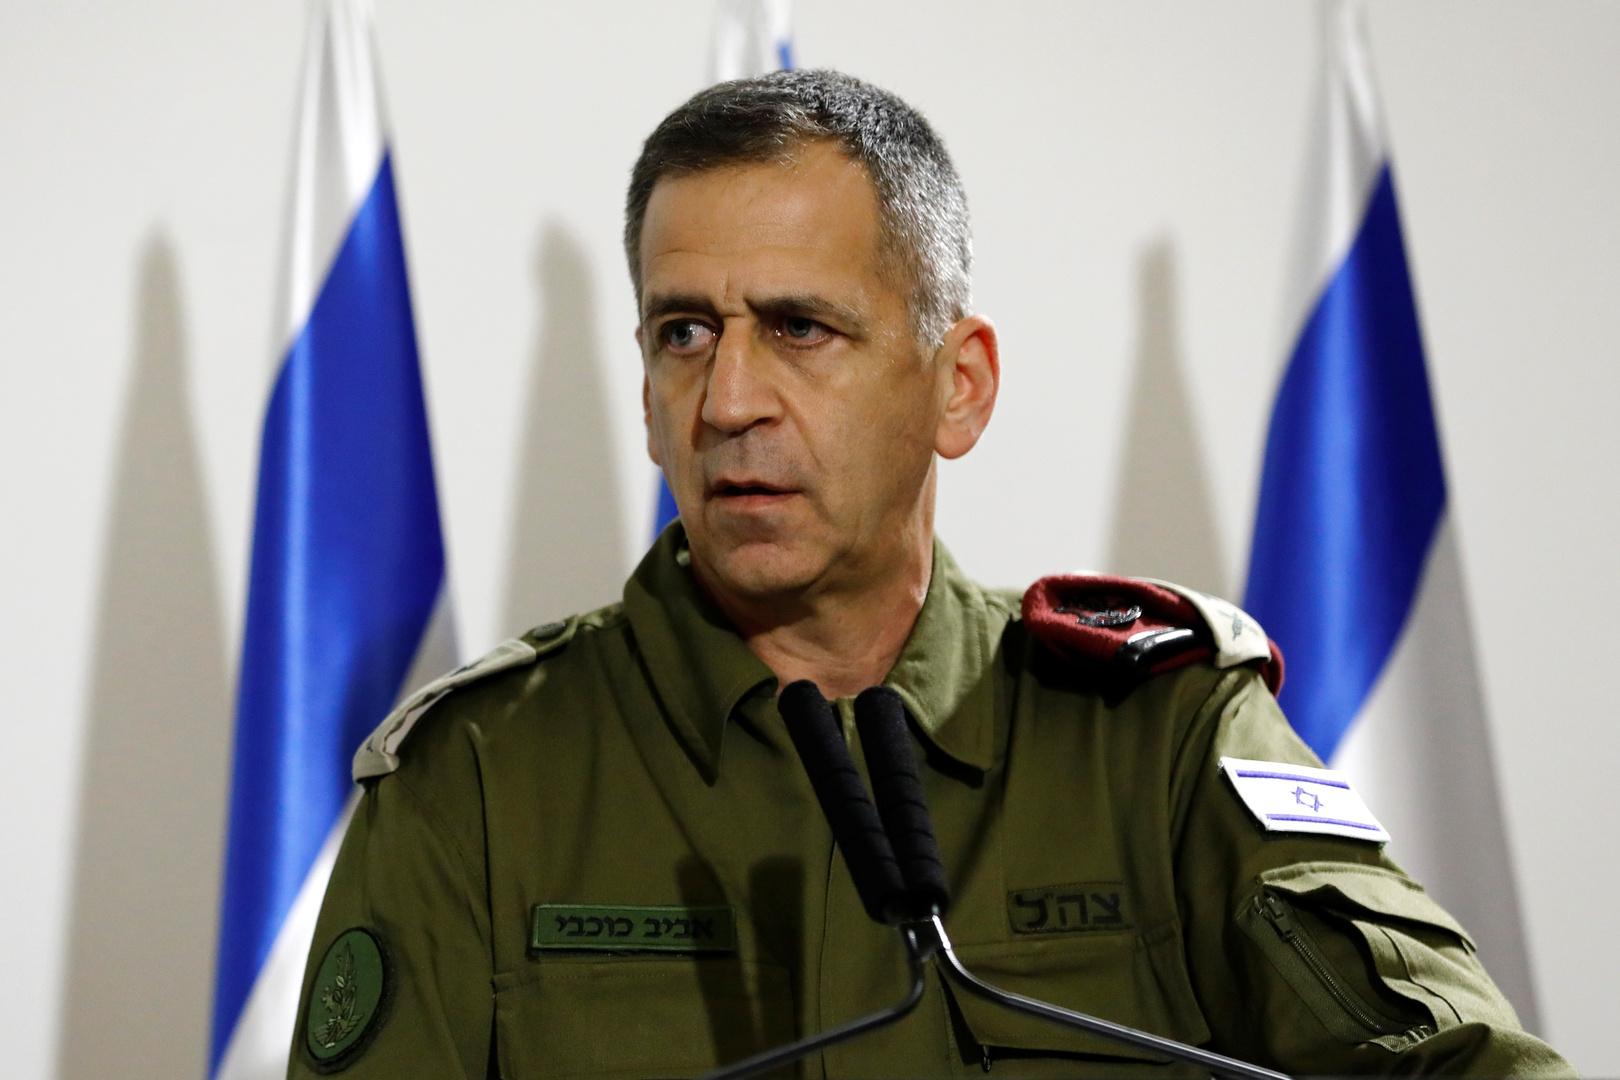 رئيس أركان الجيش الإسرائيلي يتحدث ضرب أهداف